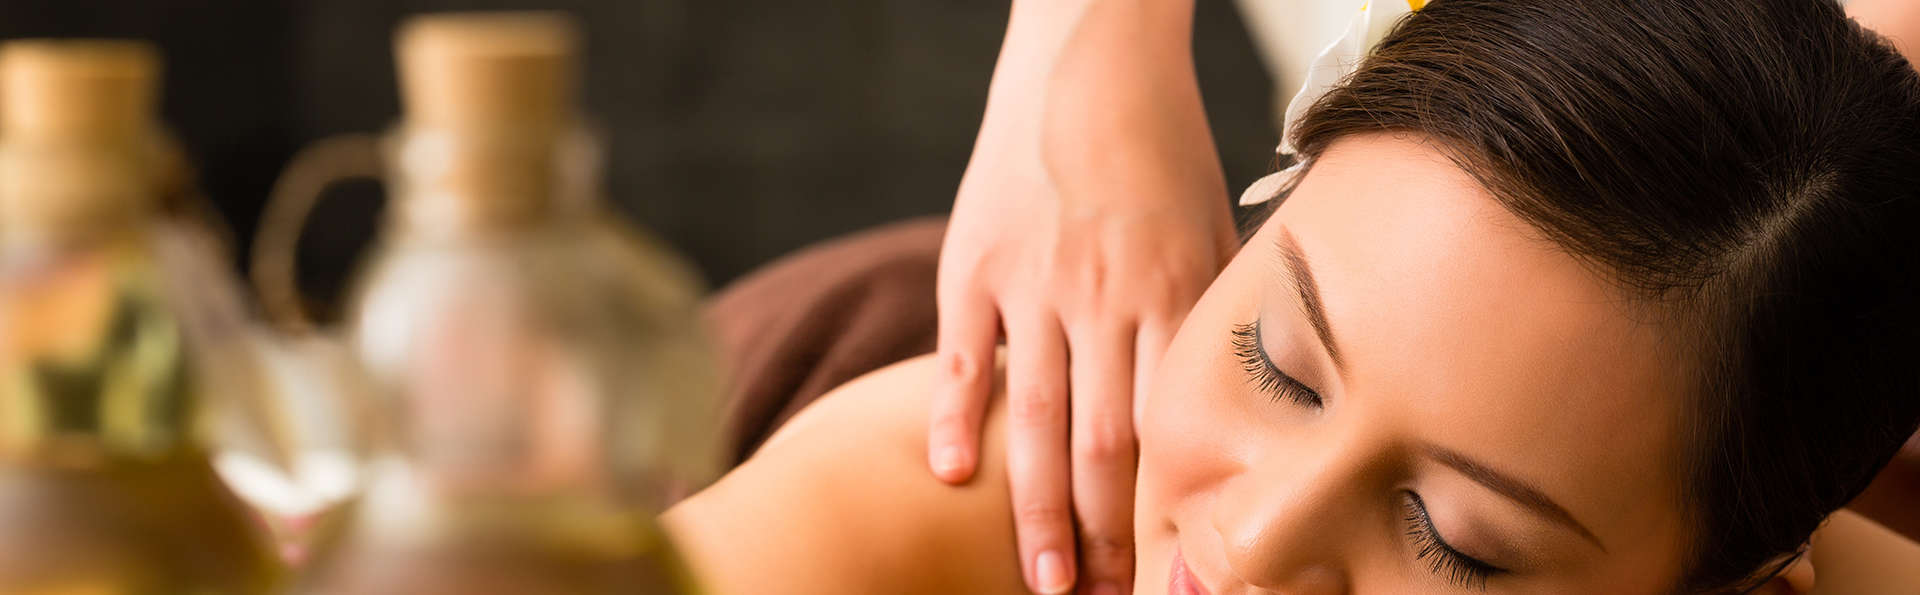 Escapada relax corporal con masaje y Spa